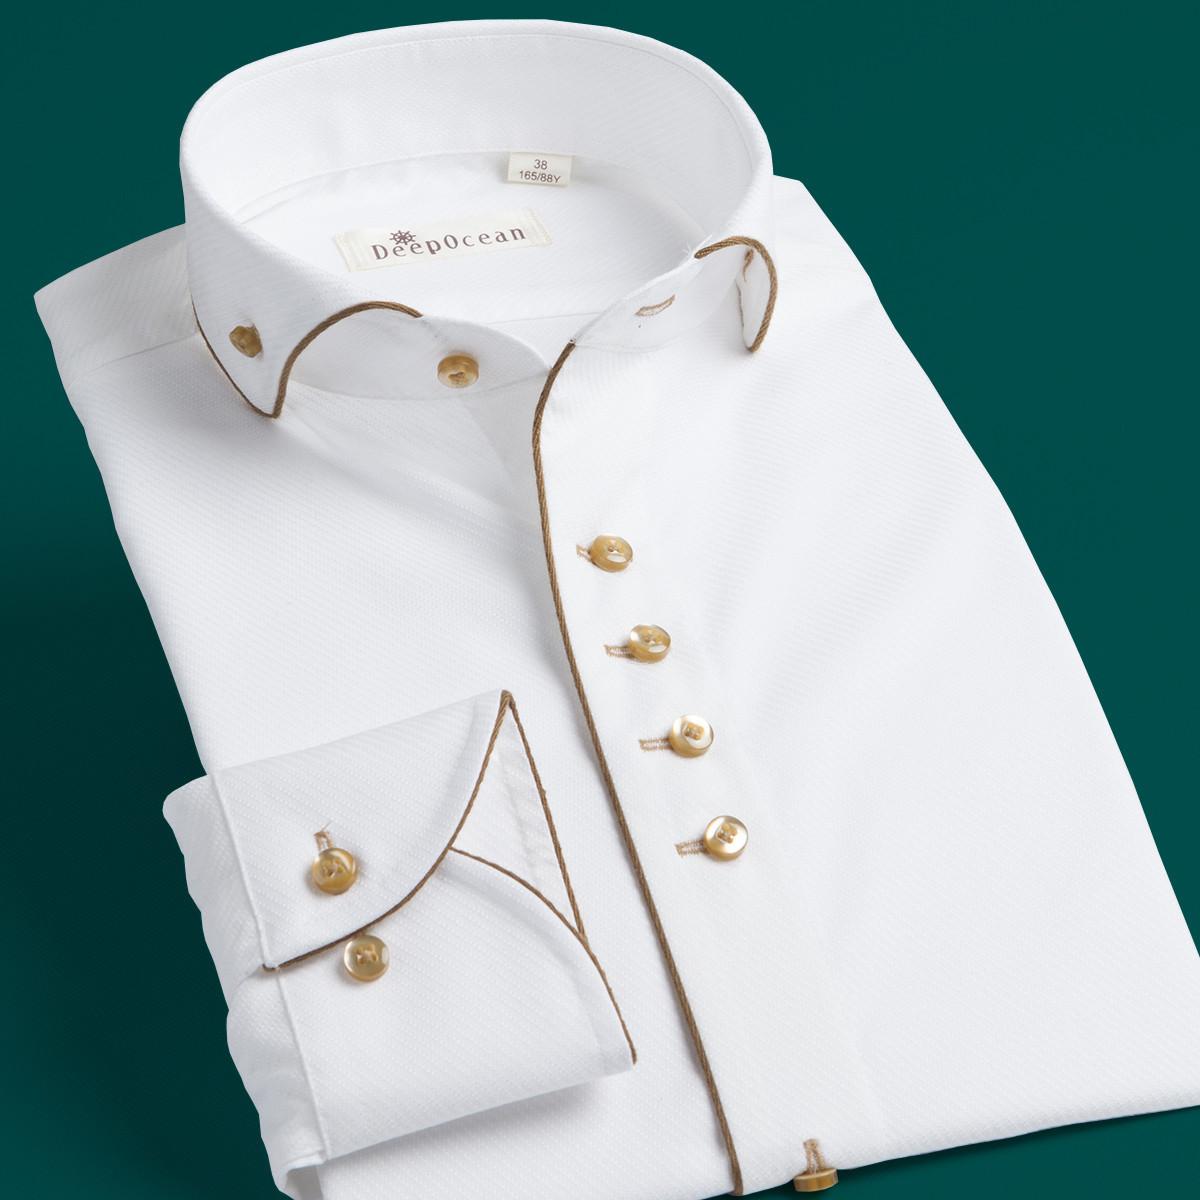 男士修身衬衫 深海温莎领白衬衫男士长袖商务绅士修身英伦宫廷礼服衬衣小圆立领_推荐淘宝好看的男修身衬衫